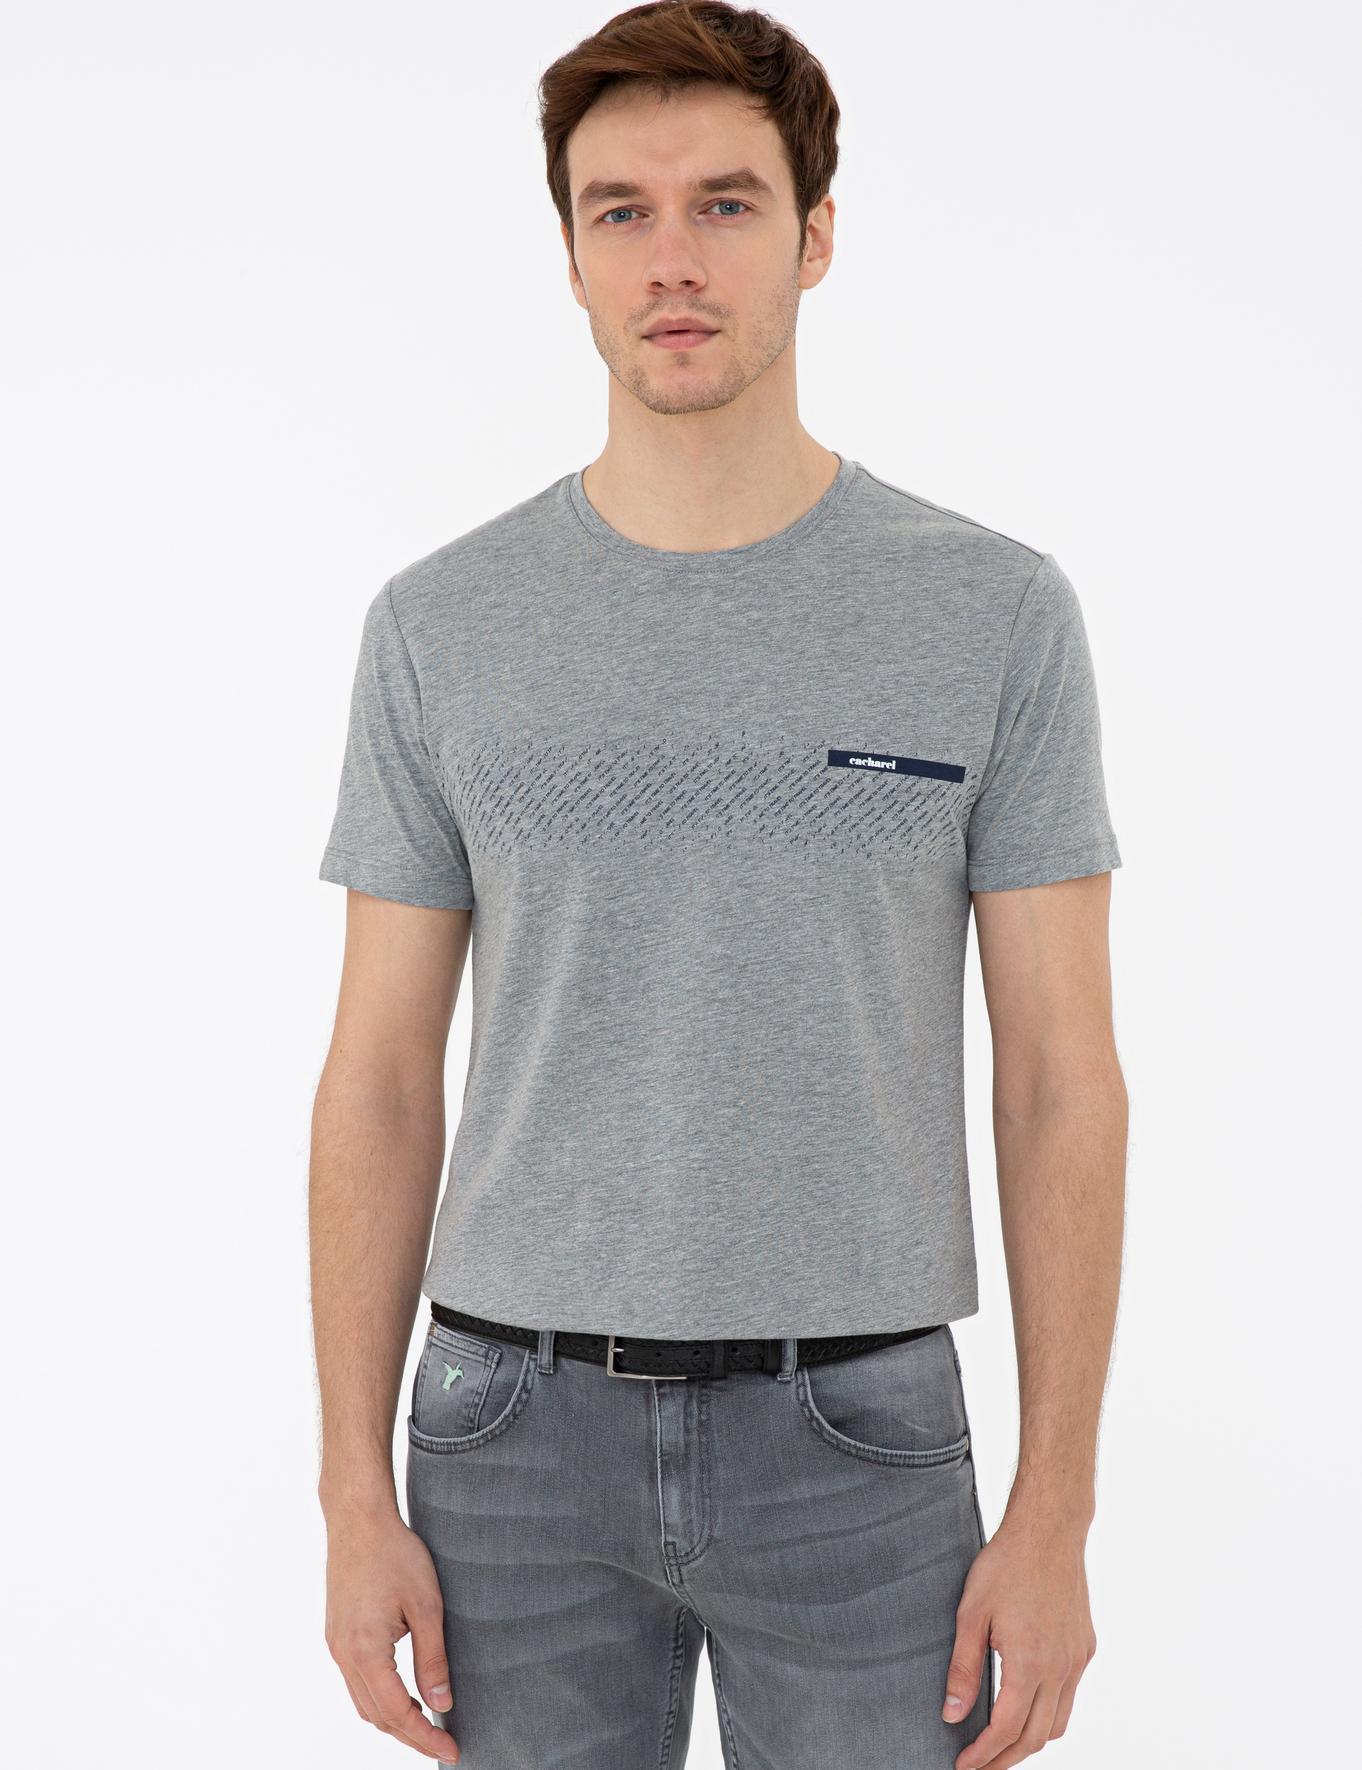 Bisiklet Yaka T-Shirt - 50235692019